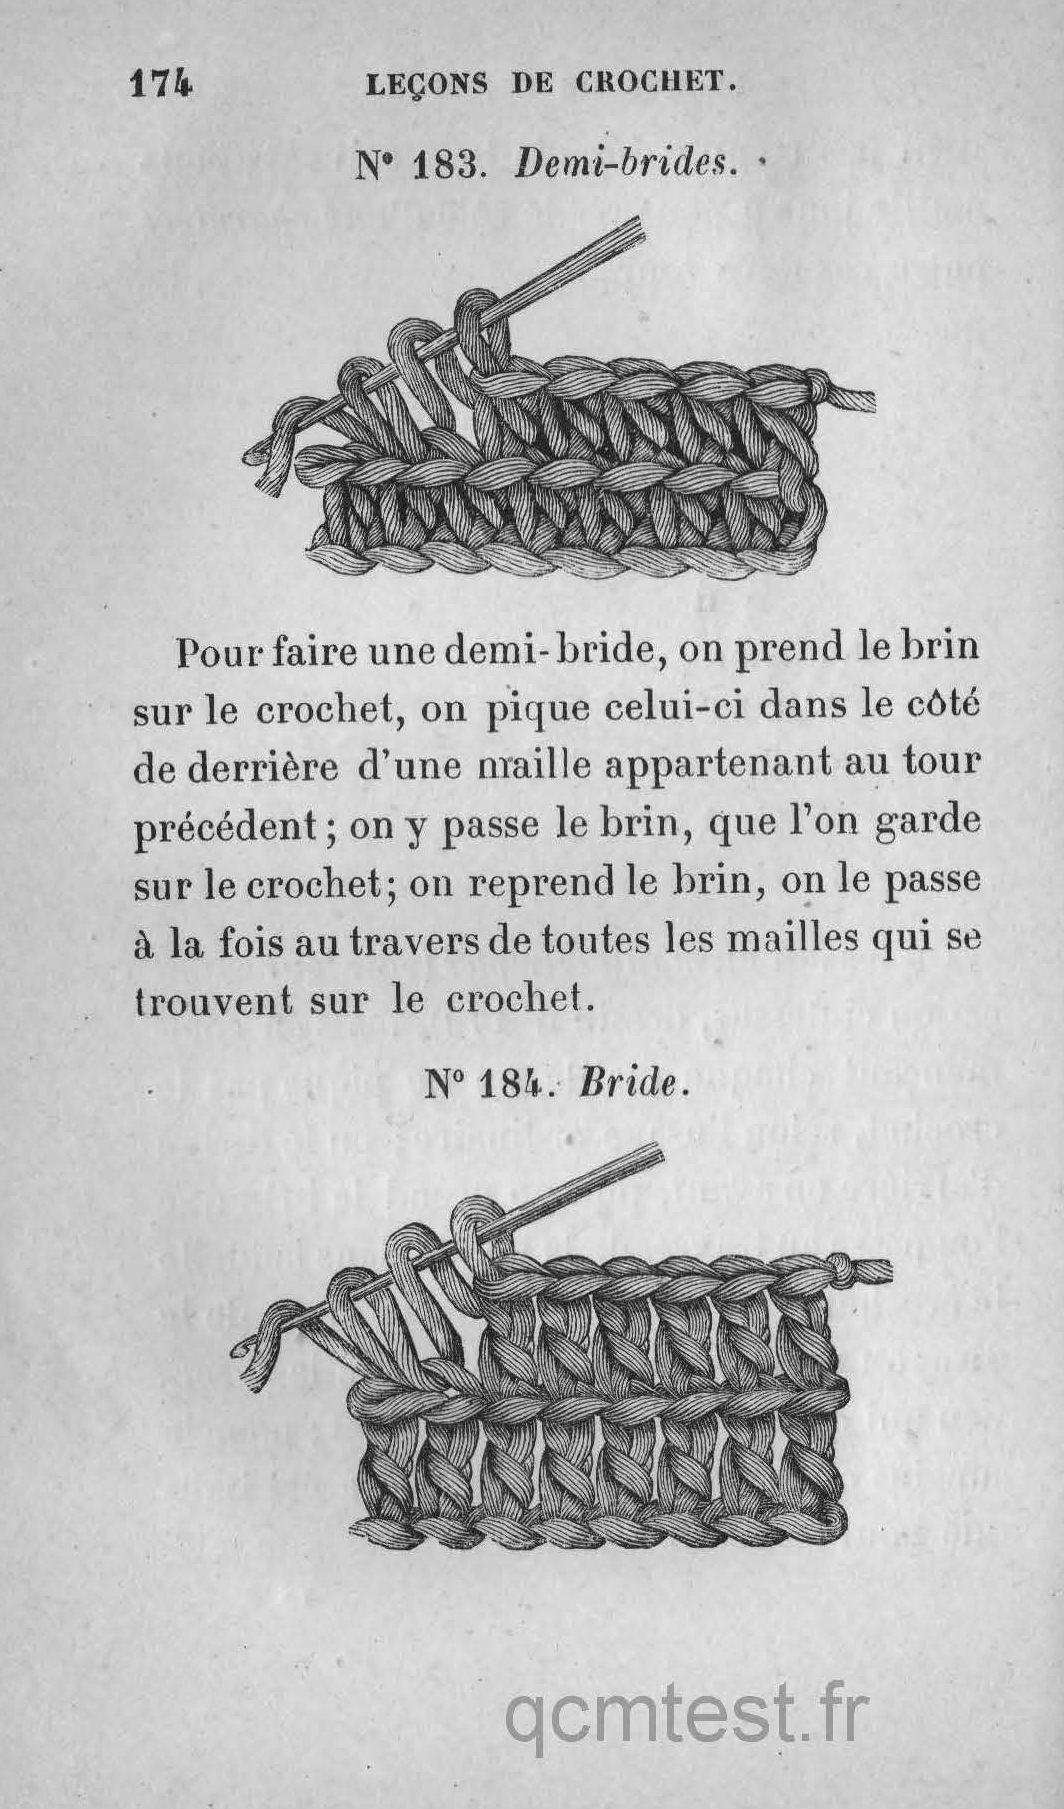 n° 182. crochet en biais. n° 183. demi-brides. n° 184. bride. leÇons